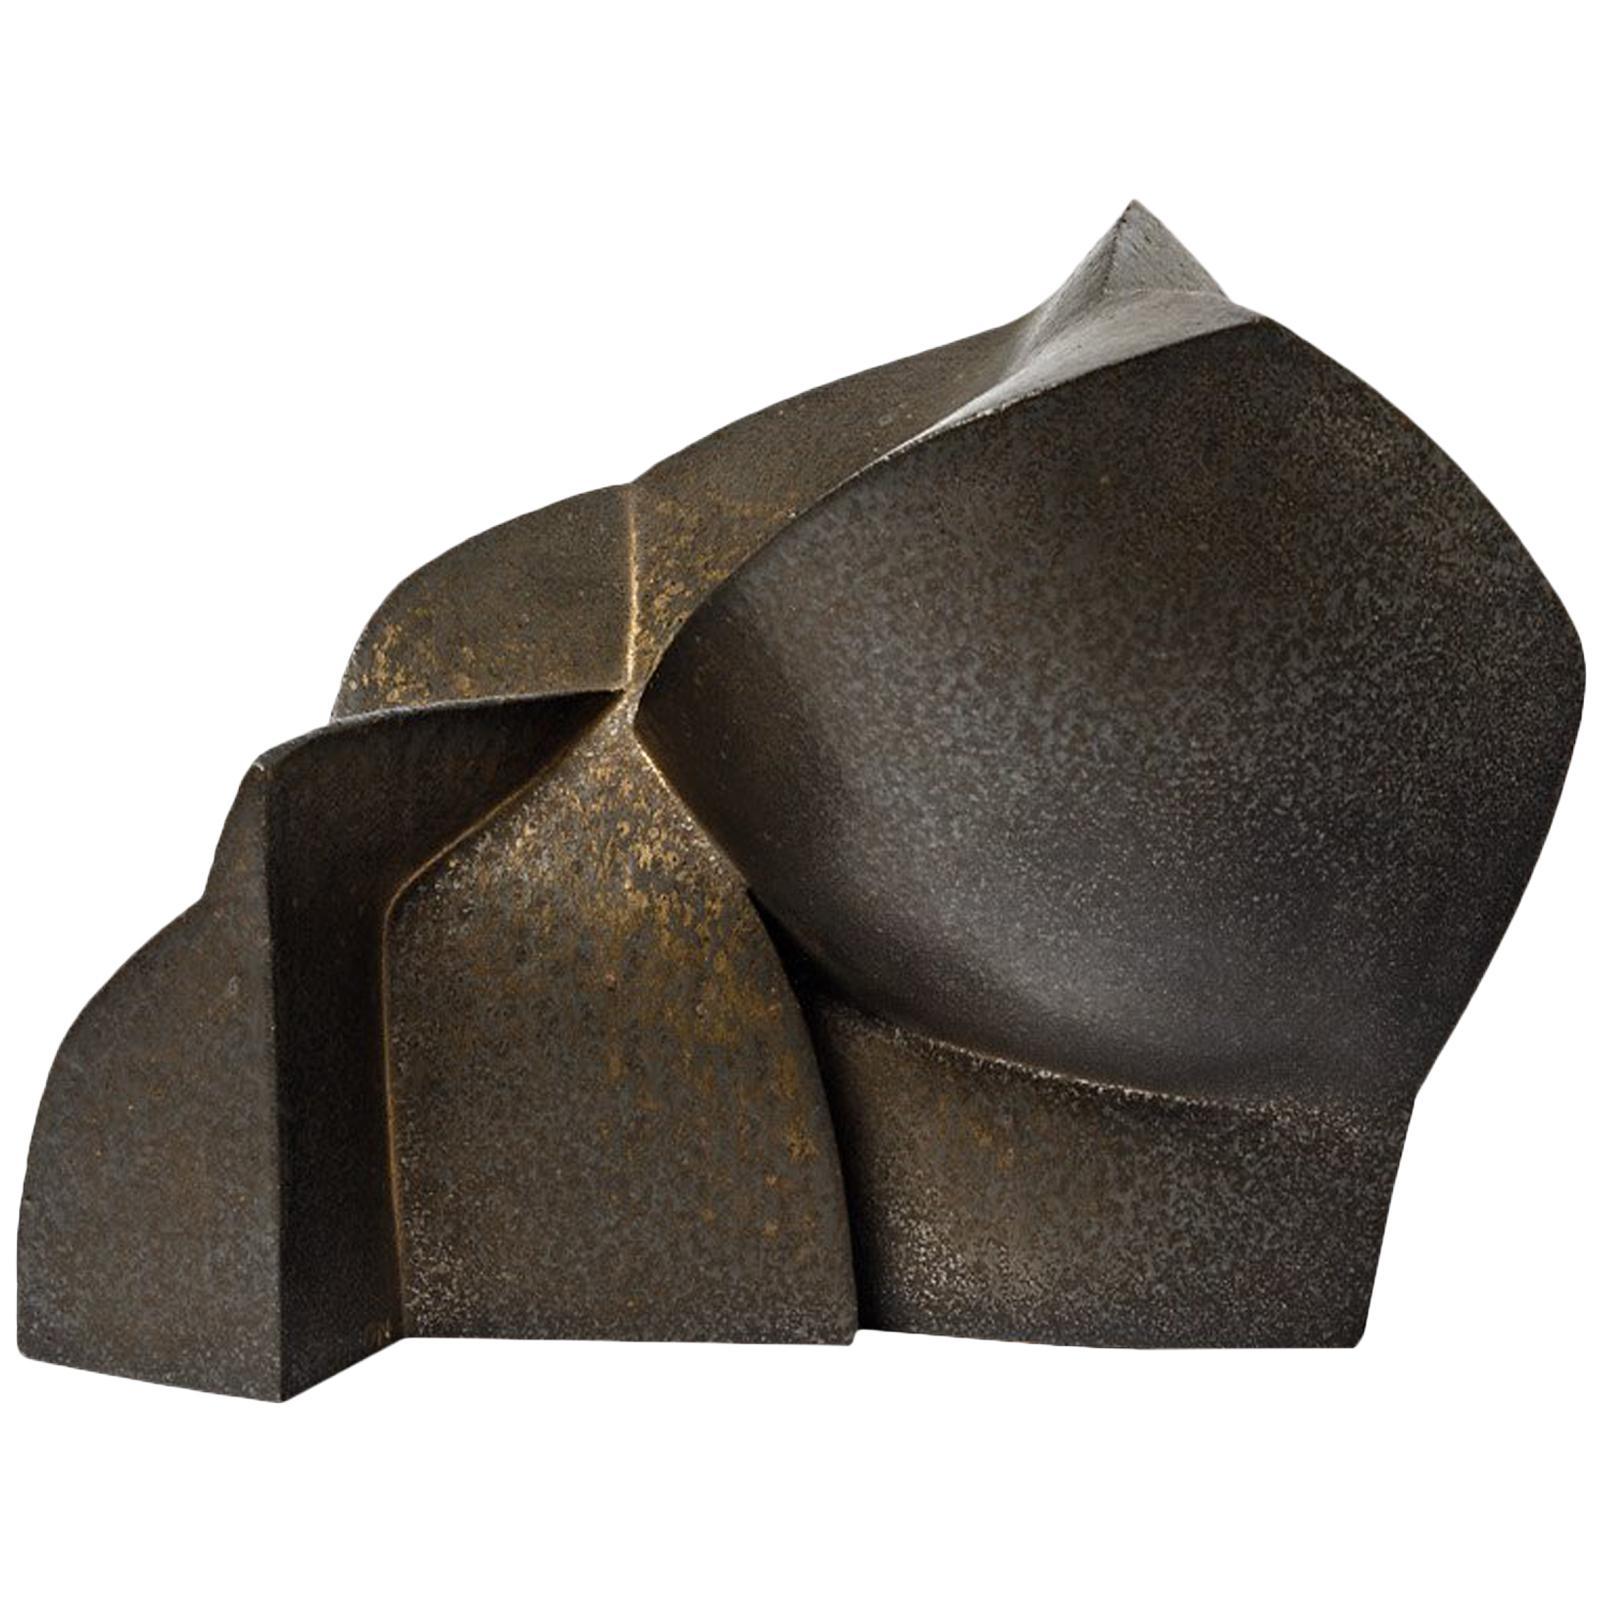 Unique Ceramic Sculpture by Pierre Martinon, circa 2000